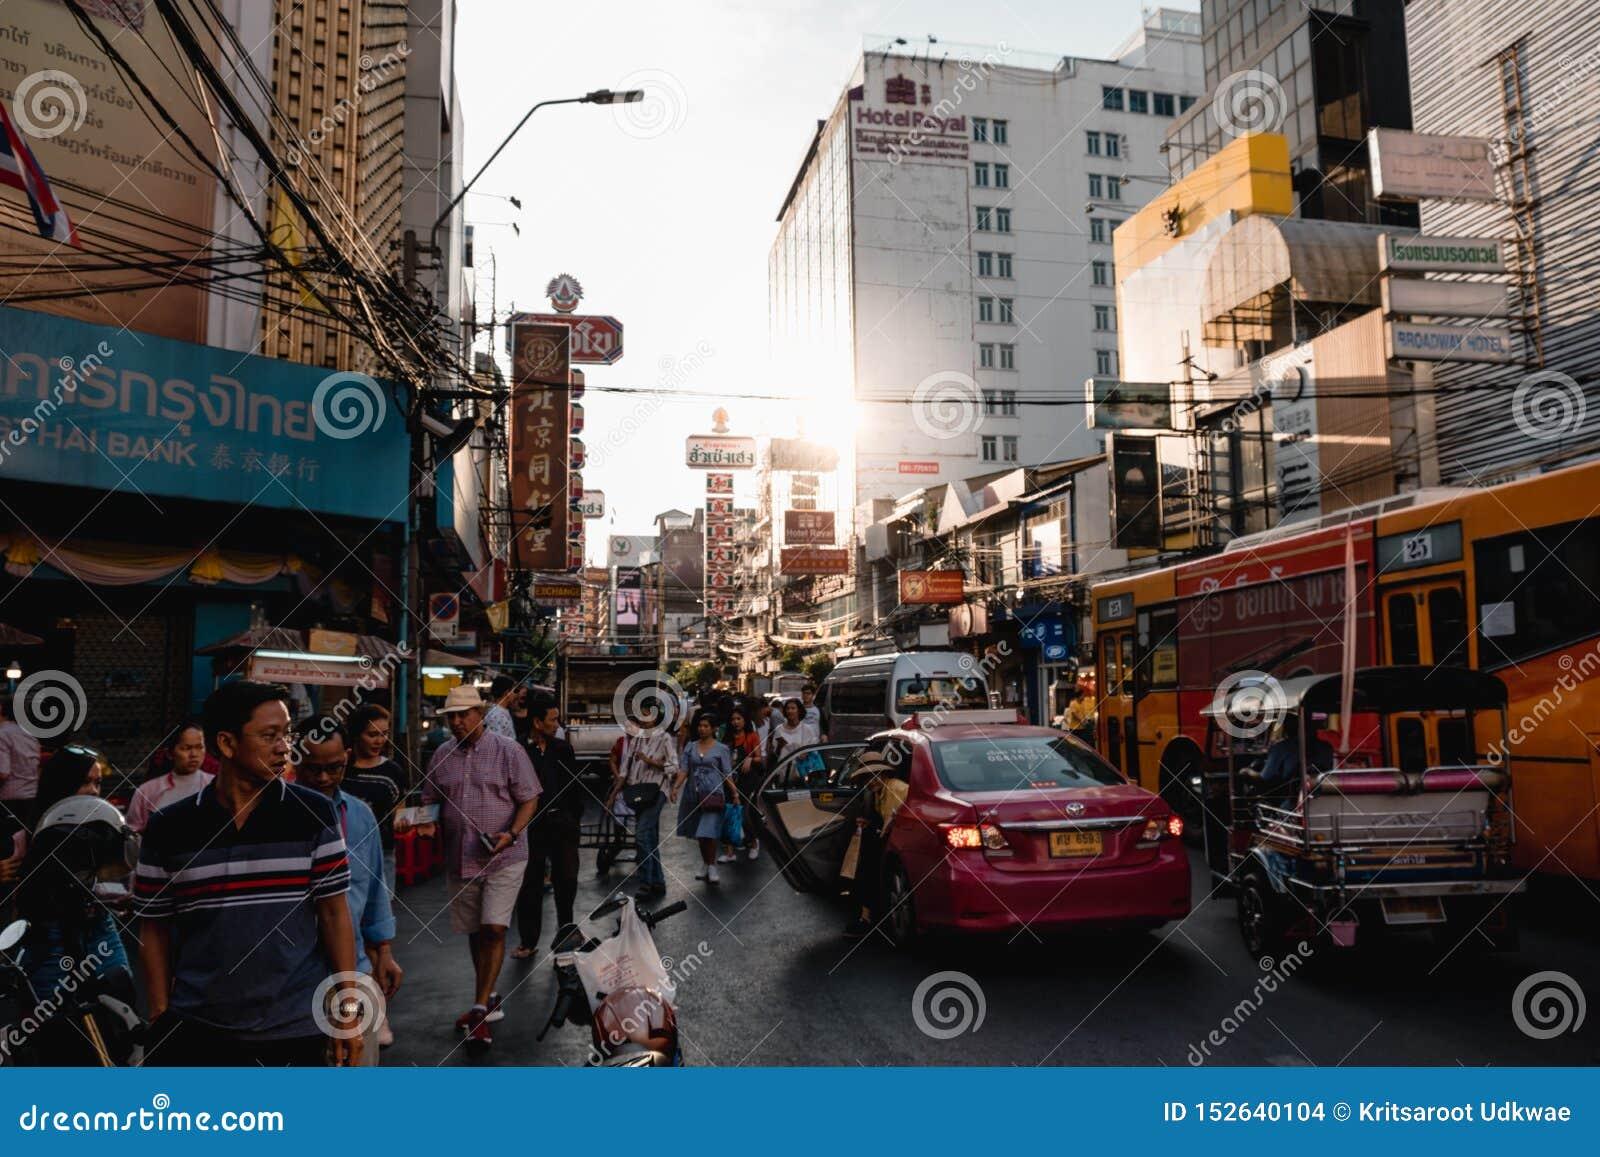 De Yaowaratweg is een hoofdstraat in de Chinatown van Bangkok